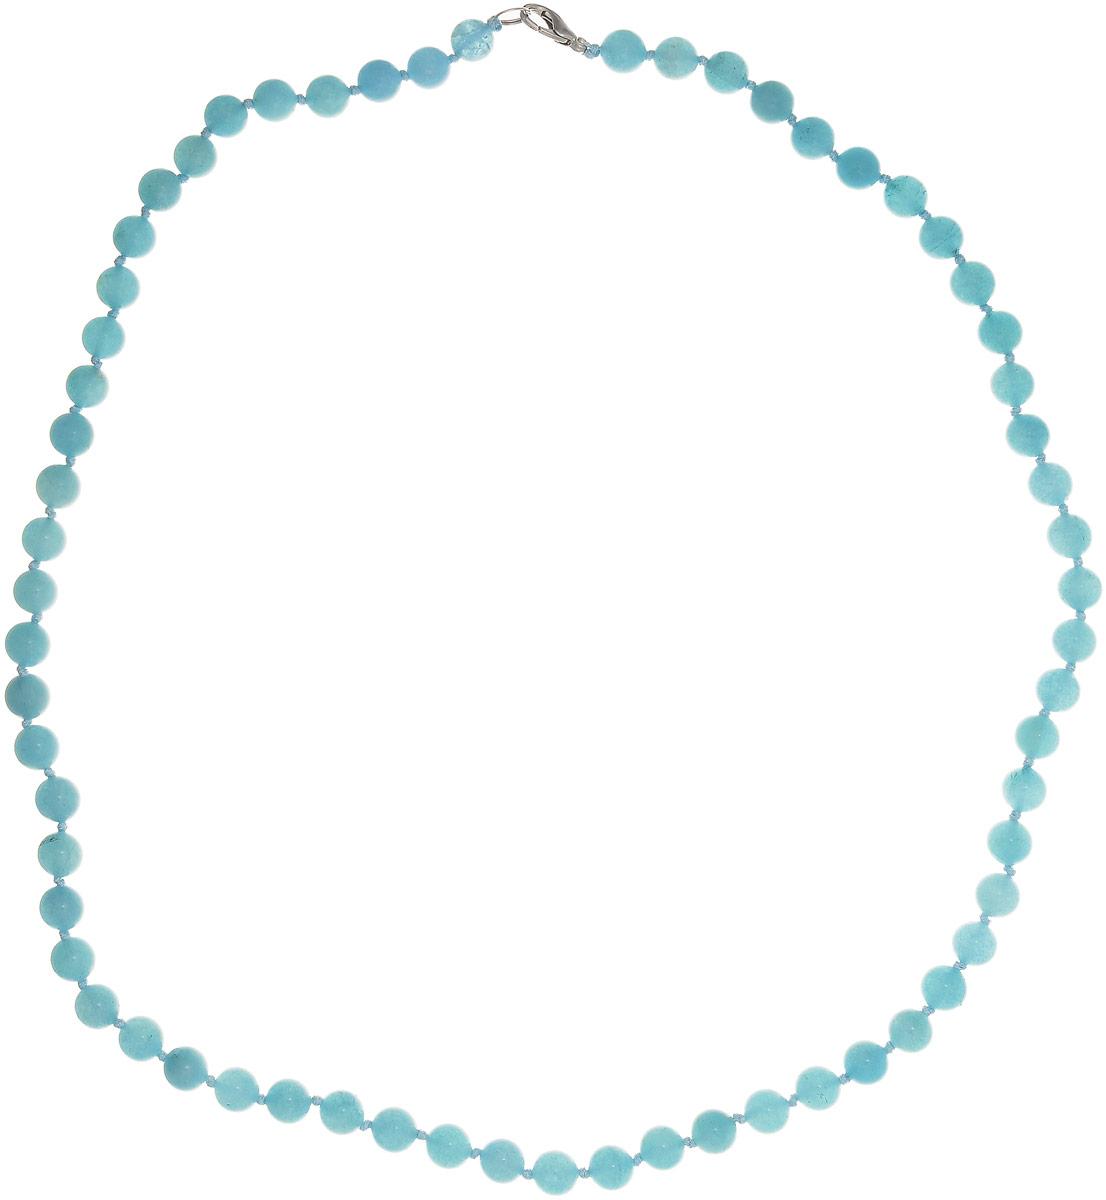 Бусы Art-Silver, цвет: голубой, длина 60 см. АК8-60-365АК8-60-365Бусы Art-Silver выполнены из бижутерного сплава и аквамарина. Изделие оснащено удобным замком-карабином.